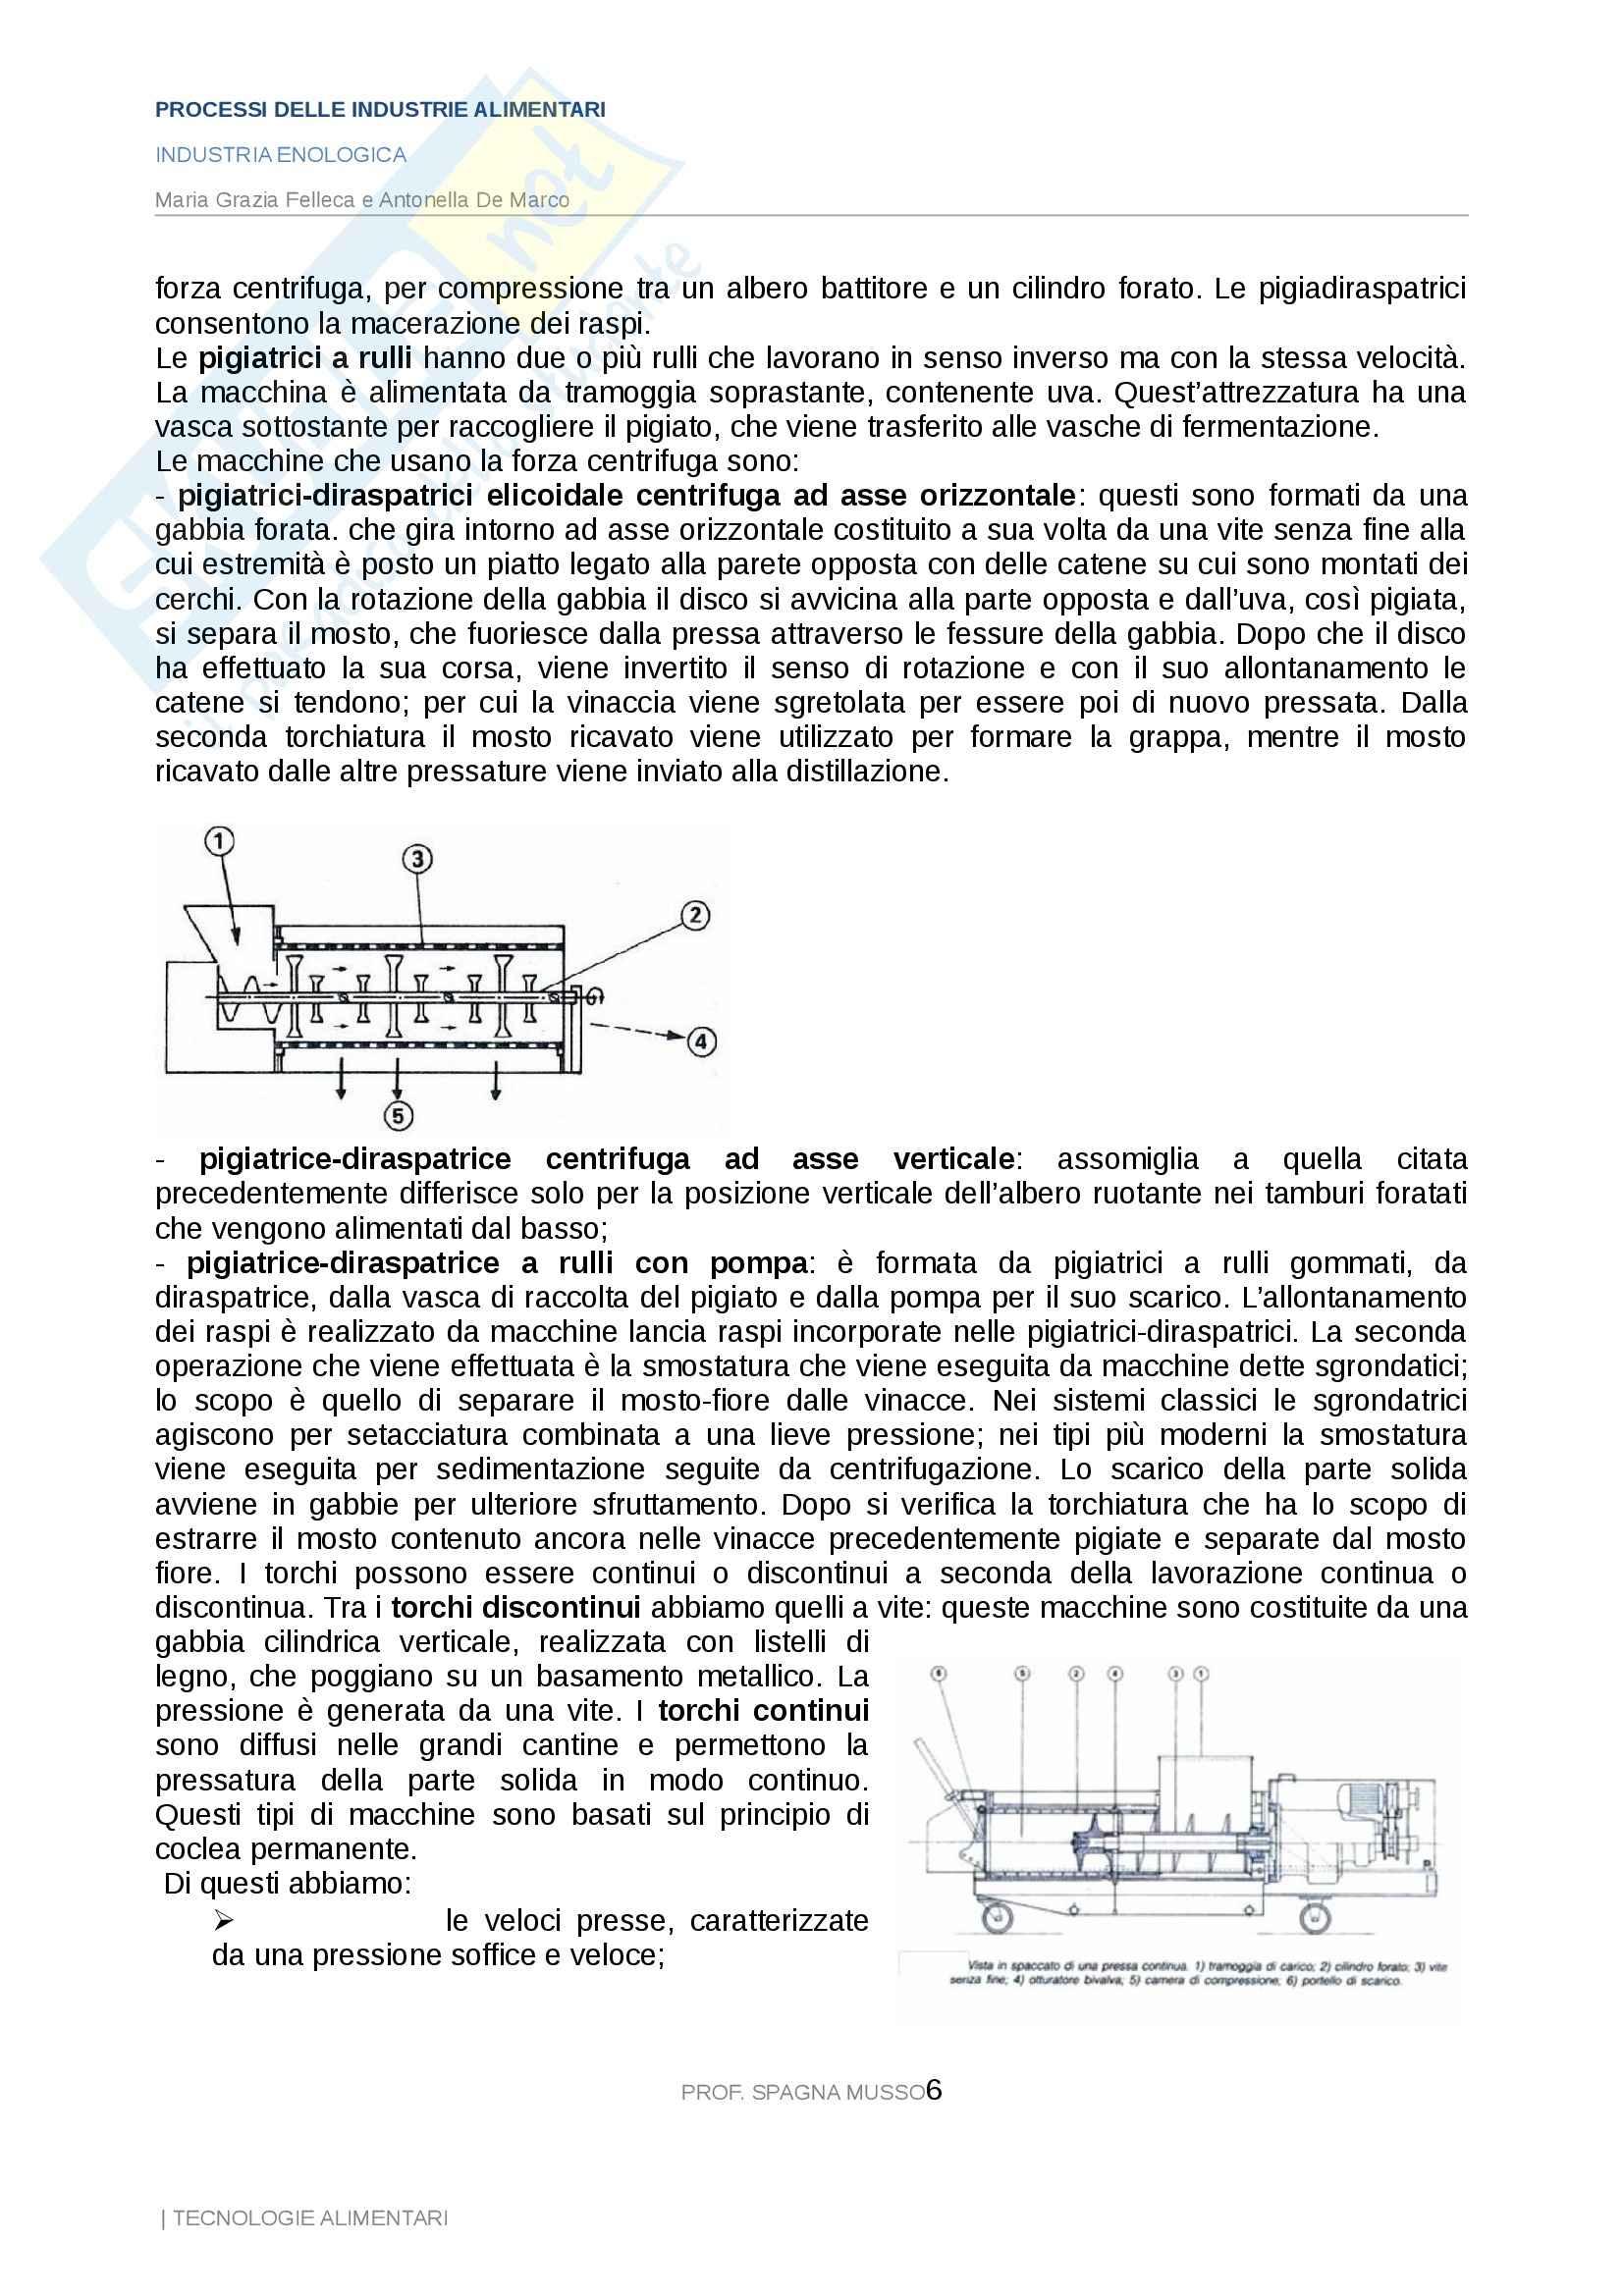 Processi delle industrie alimentari - Appunti Pag. 6